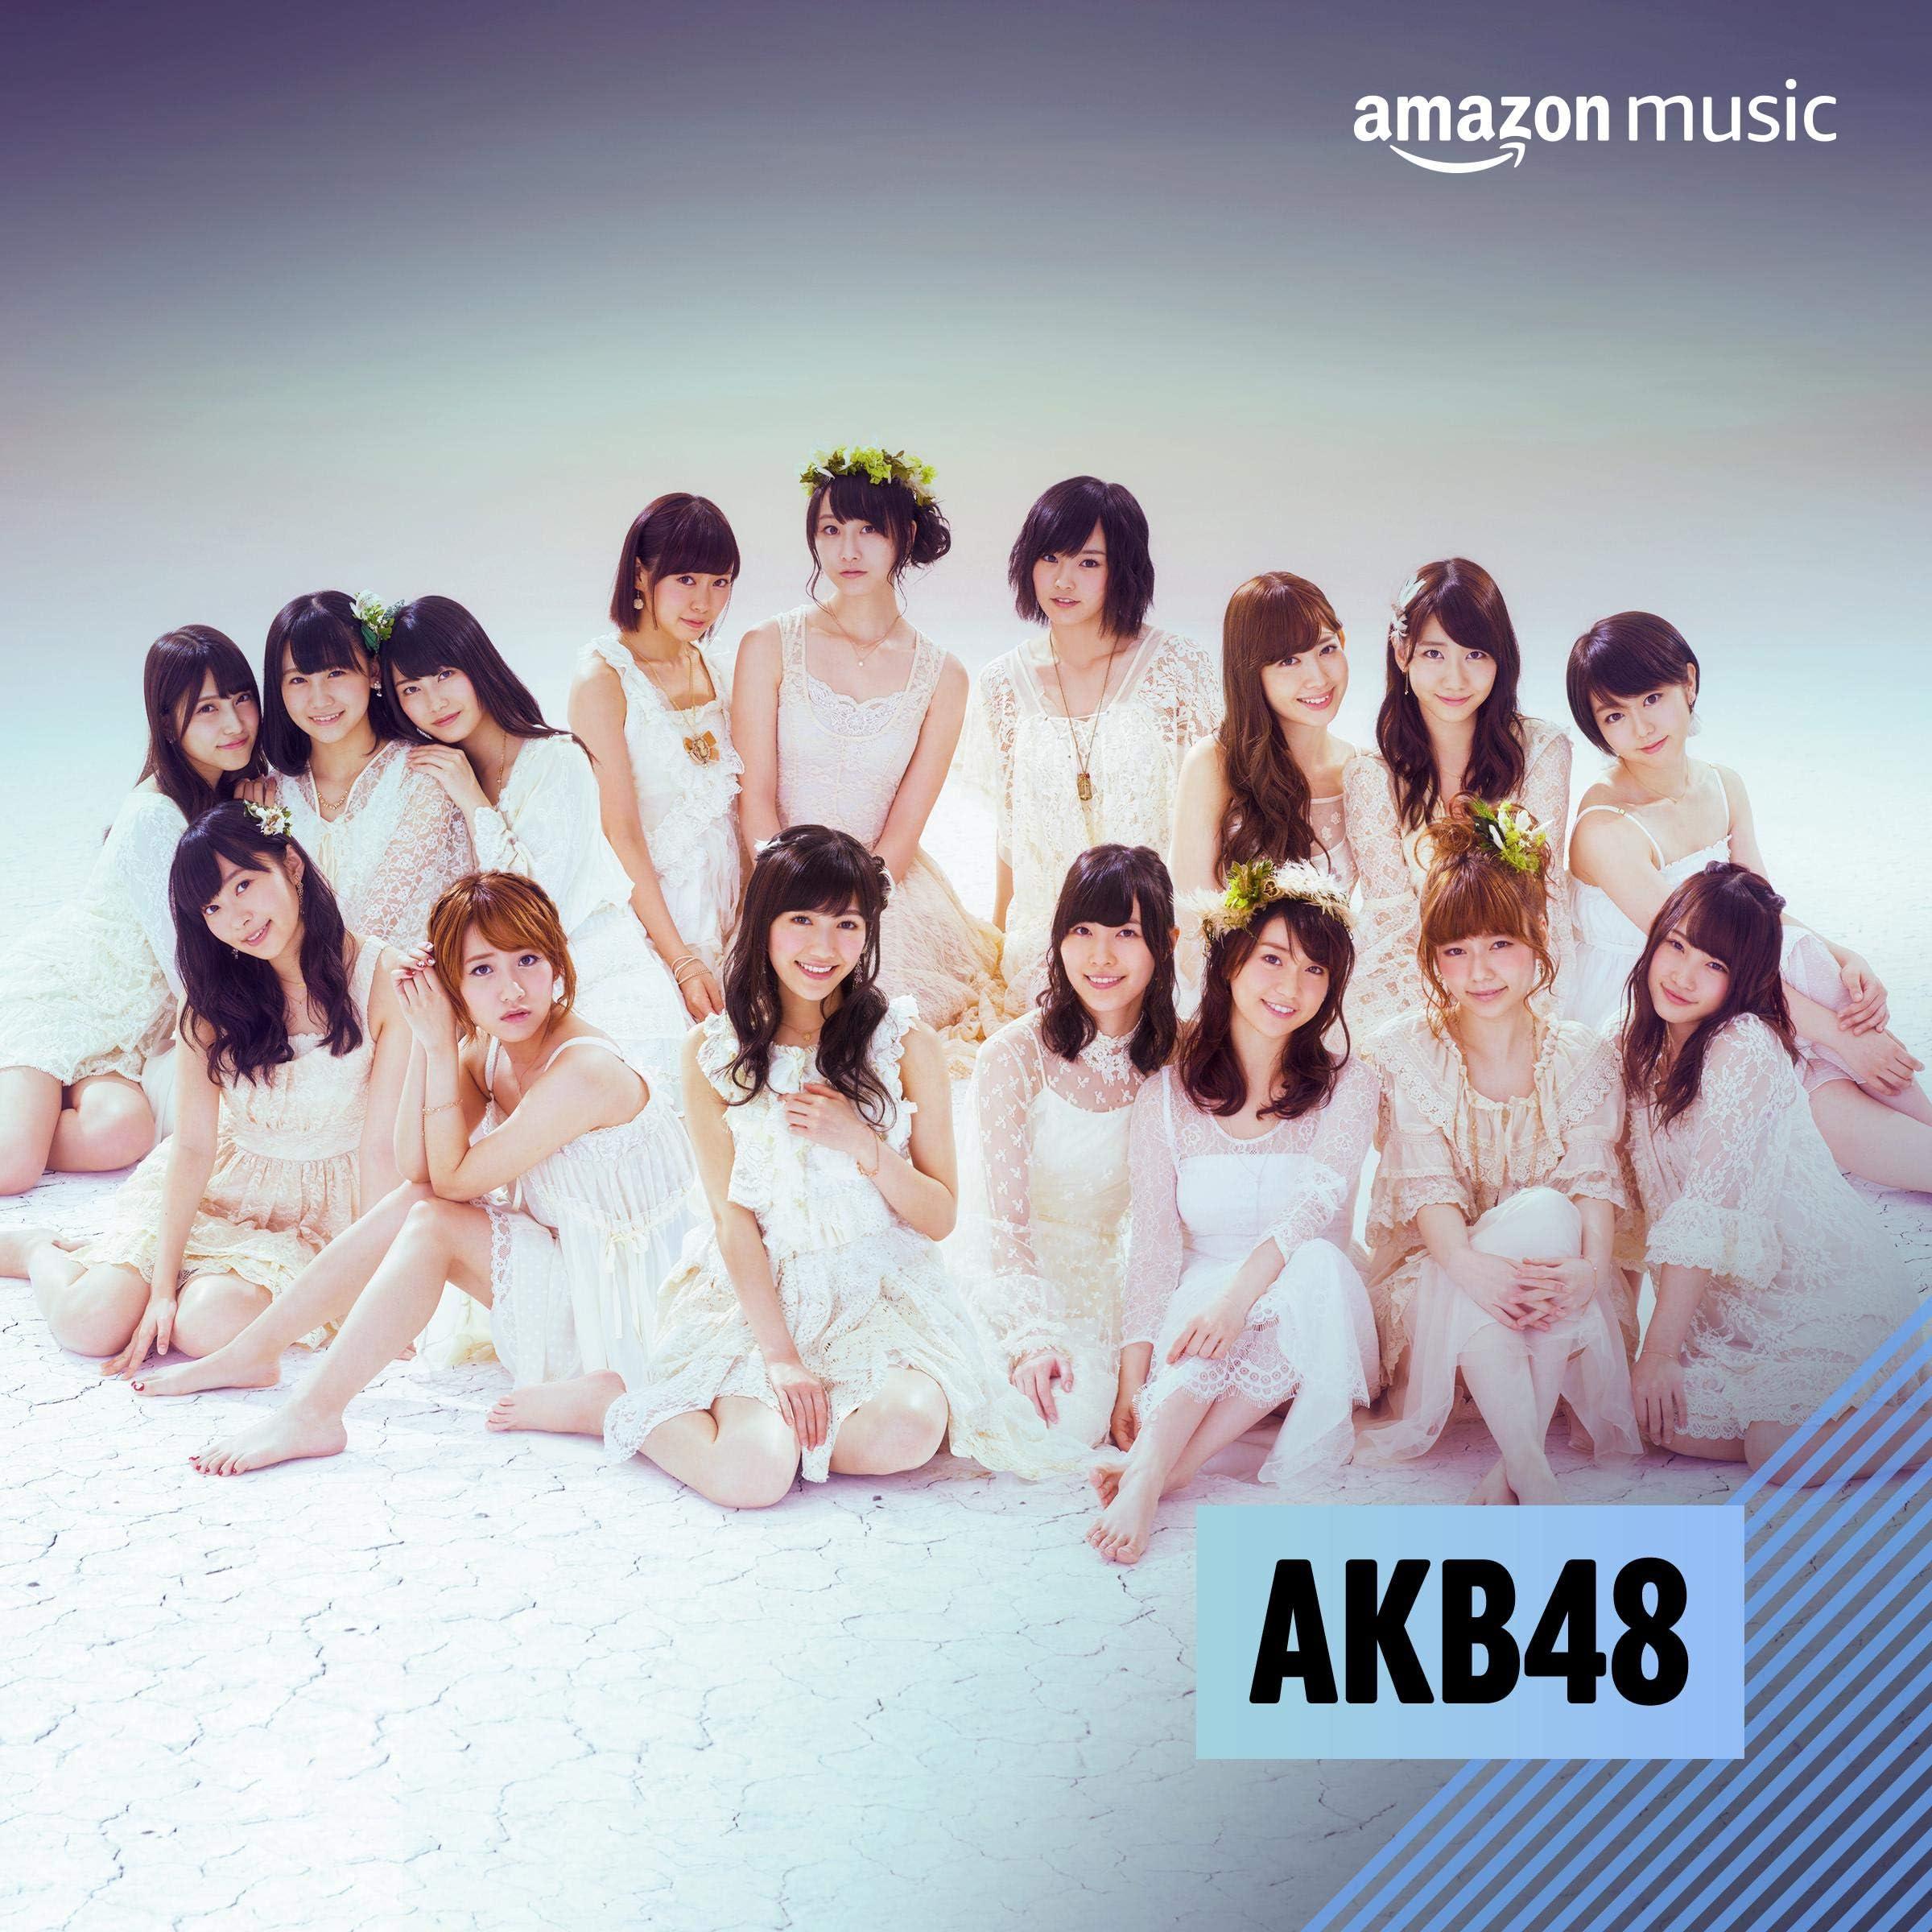 AKB48を聴いているお客様におすすめ